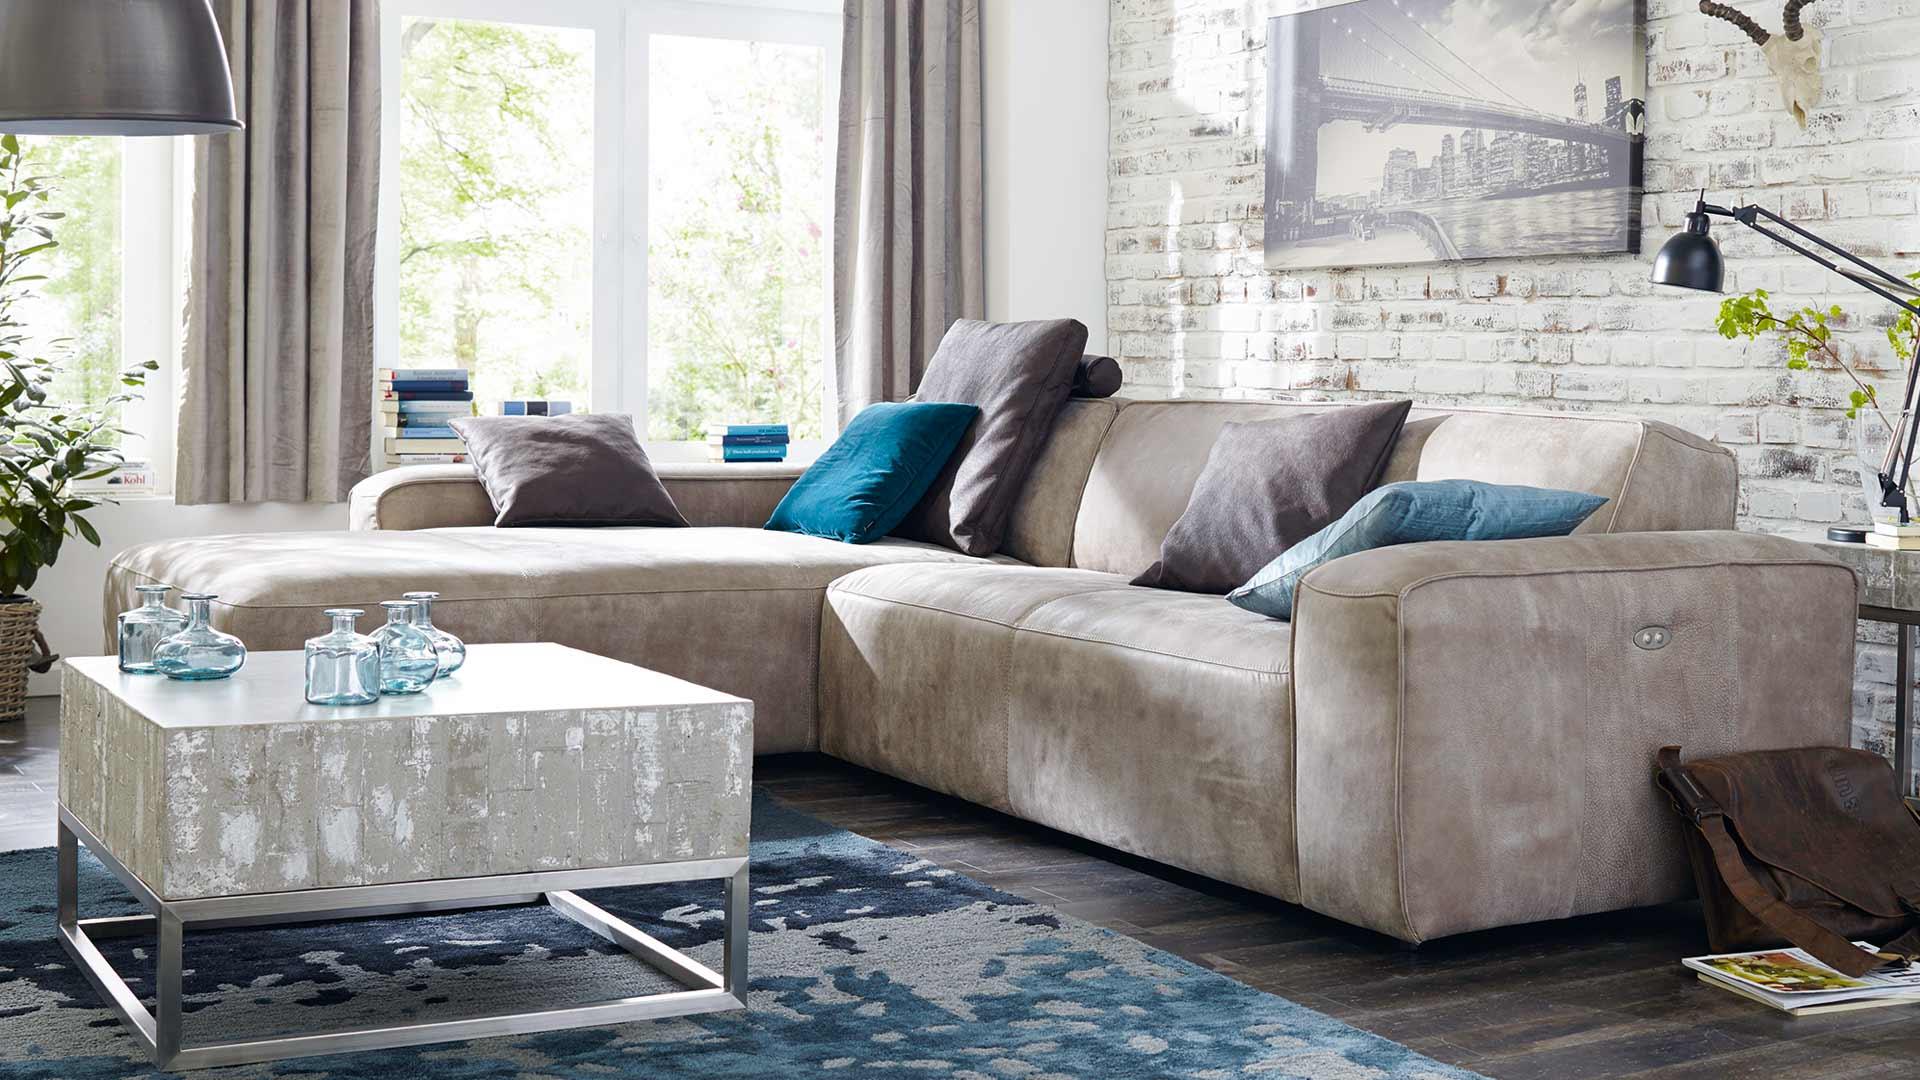 natura 6650 von natura einrichten in garbsen nahe hannover m bel hesse bestechende vielfalt. Black Bedroom Furniture Sets. Home Design Ideas